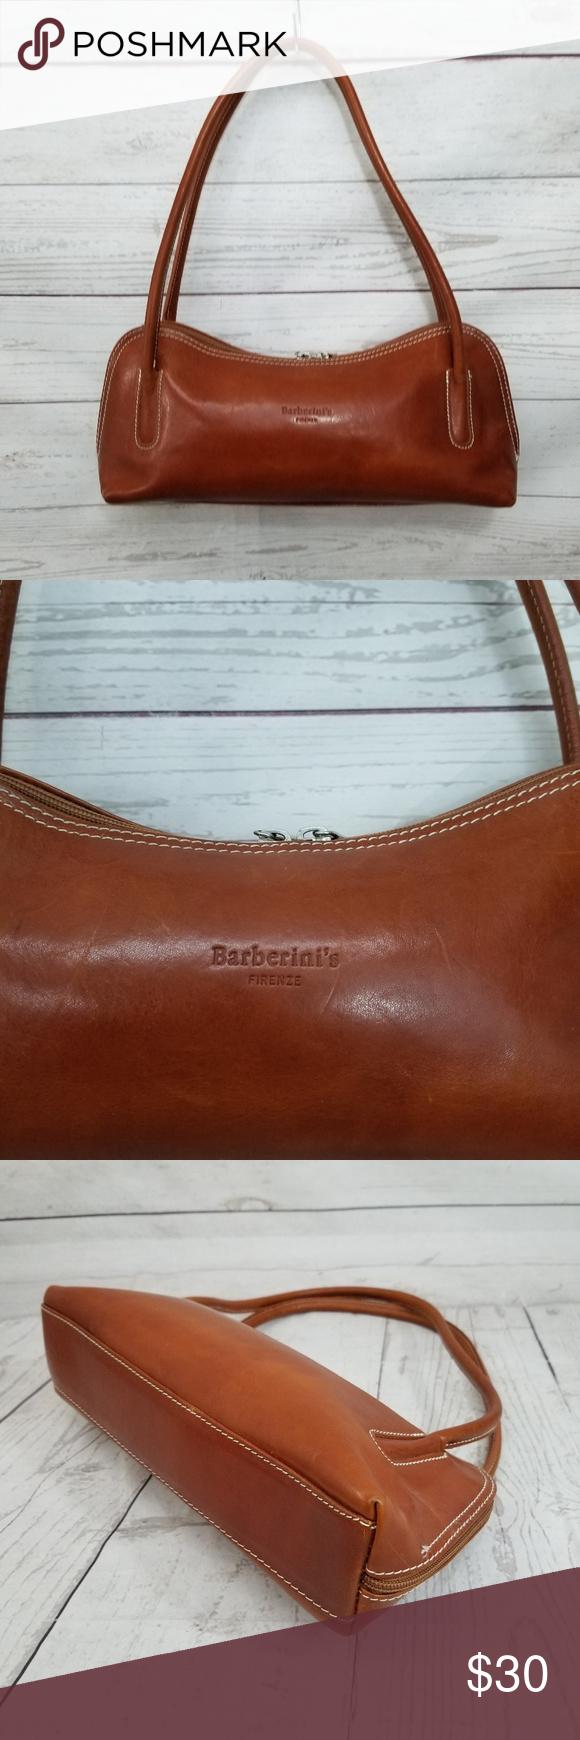 0111cd067d88 Barberini s Firenze Brown Leather SmaShoulder B Vintage Barberini s Firenze  Brown Leather Small Shoulder Bag Handbag Purse